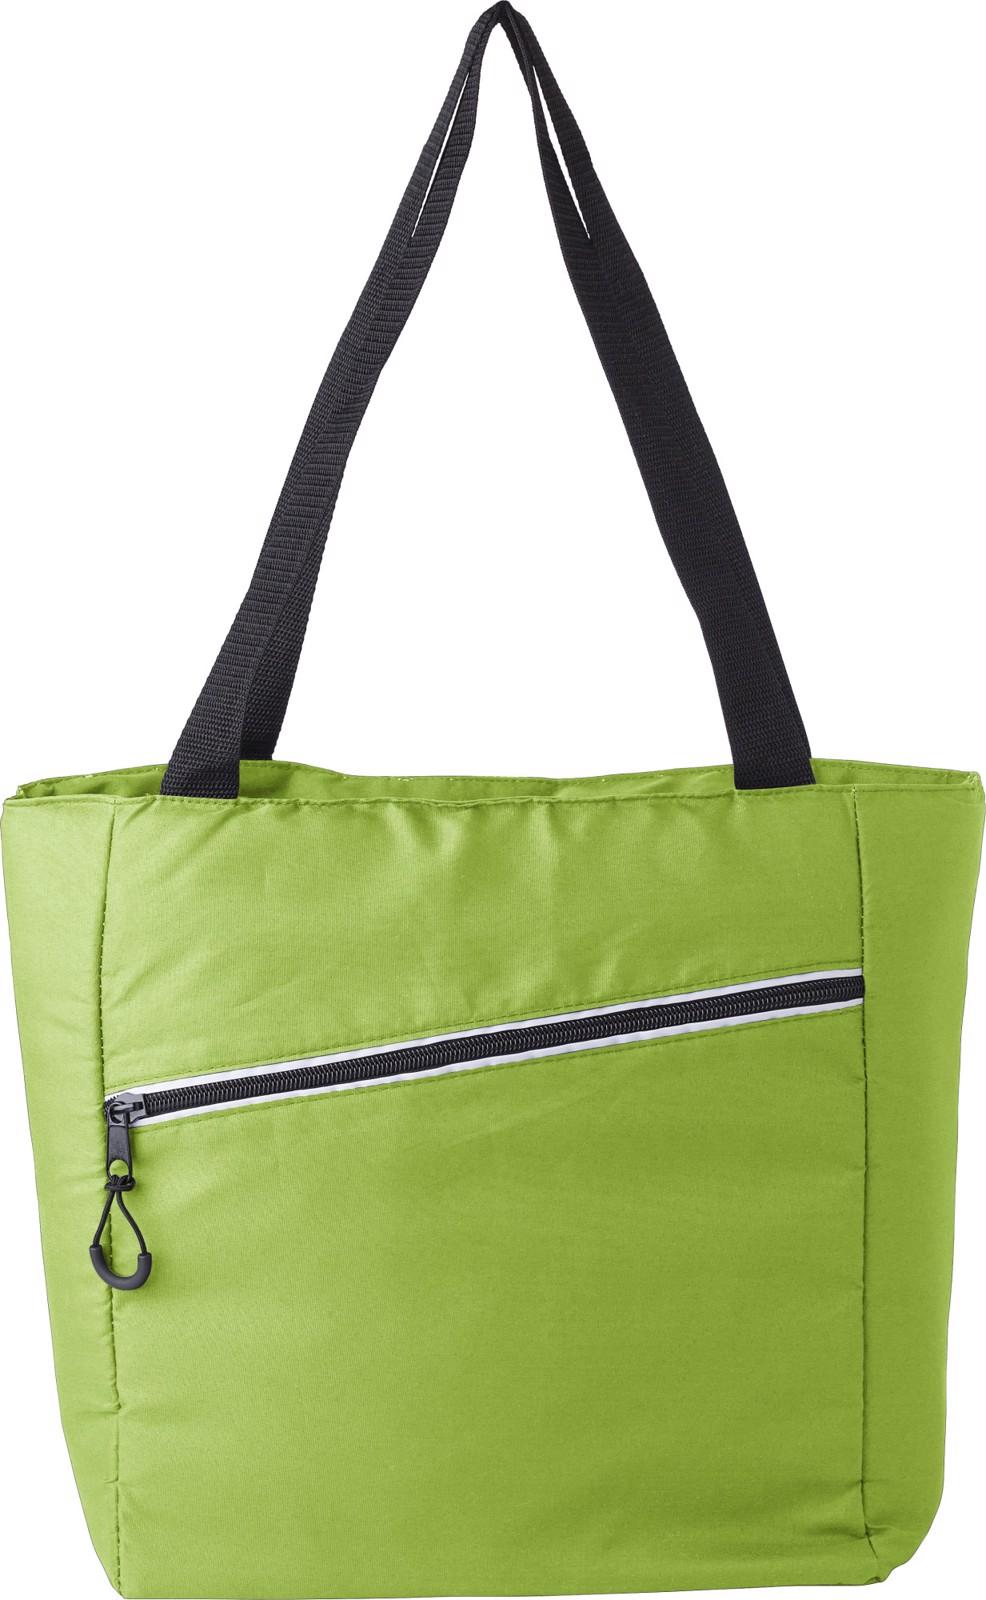 Pongee (75D) cooler bag - Lime